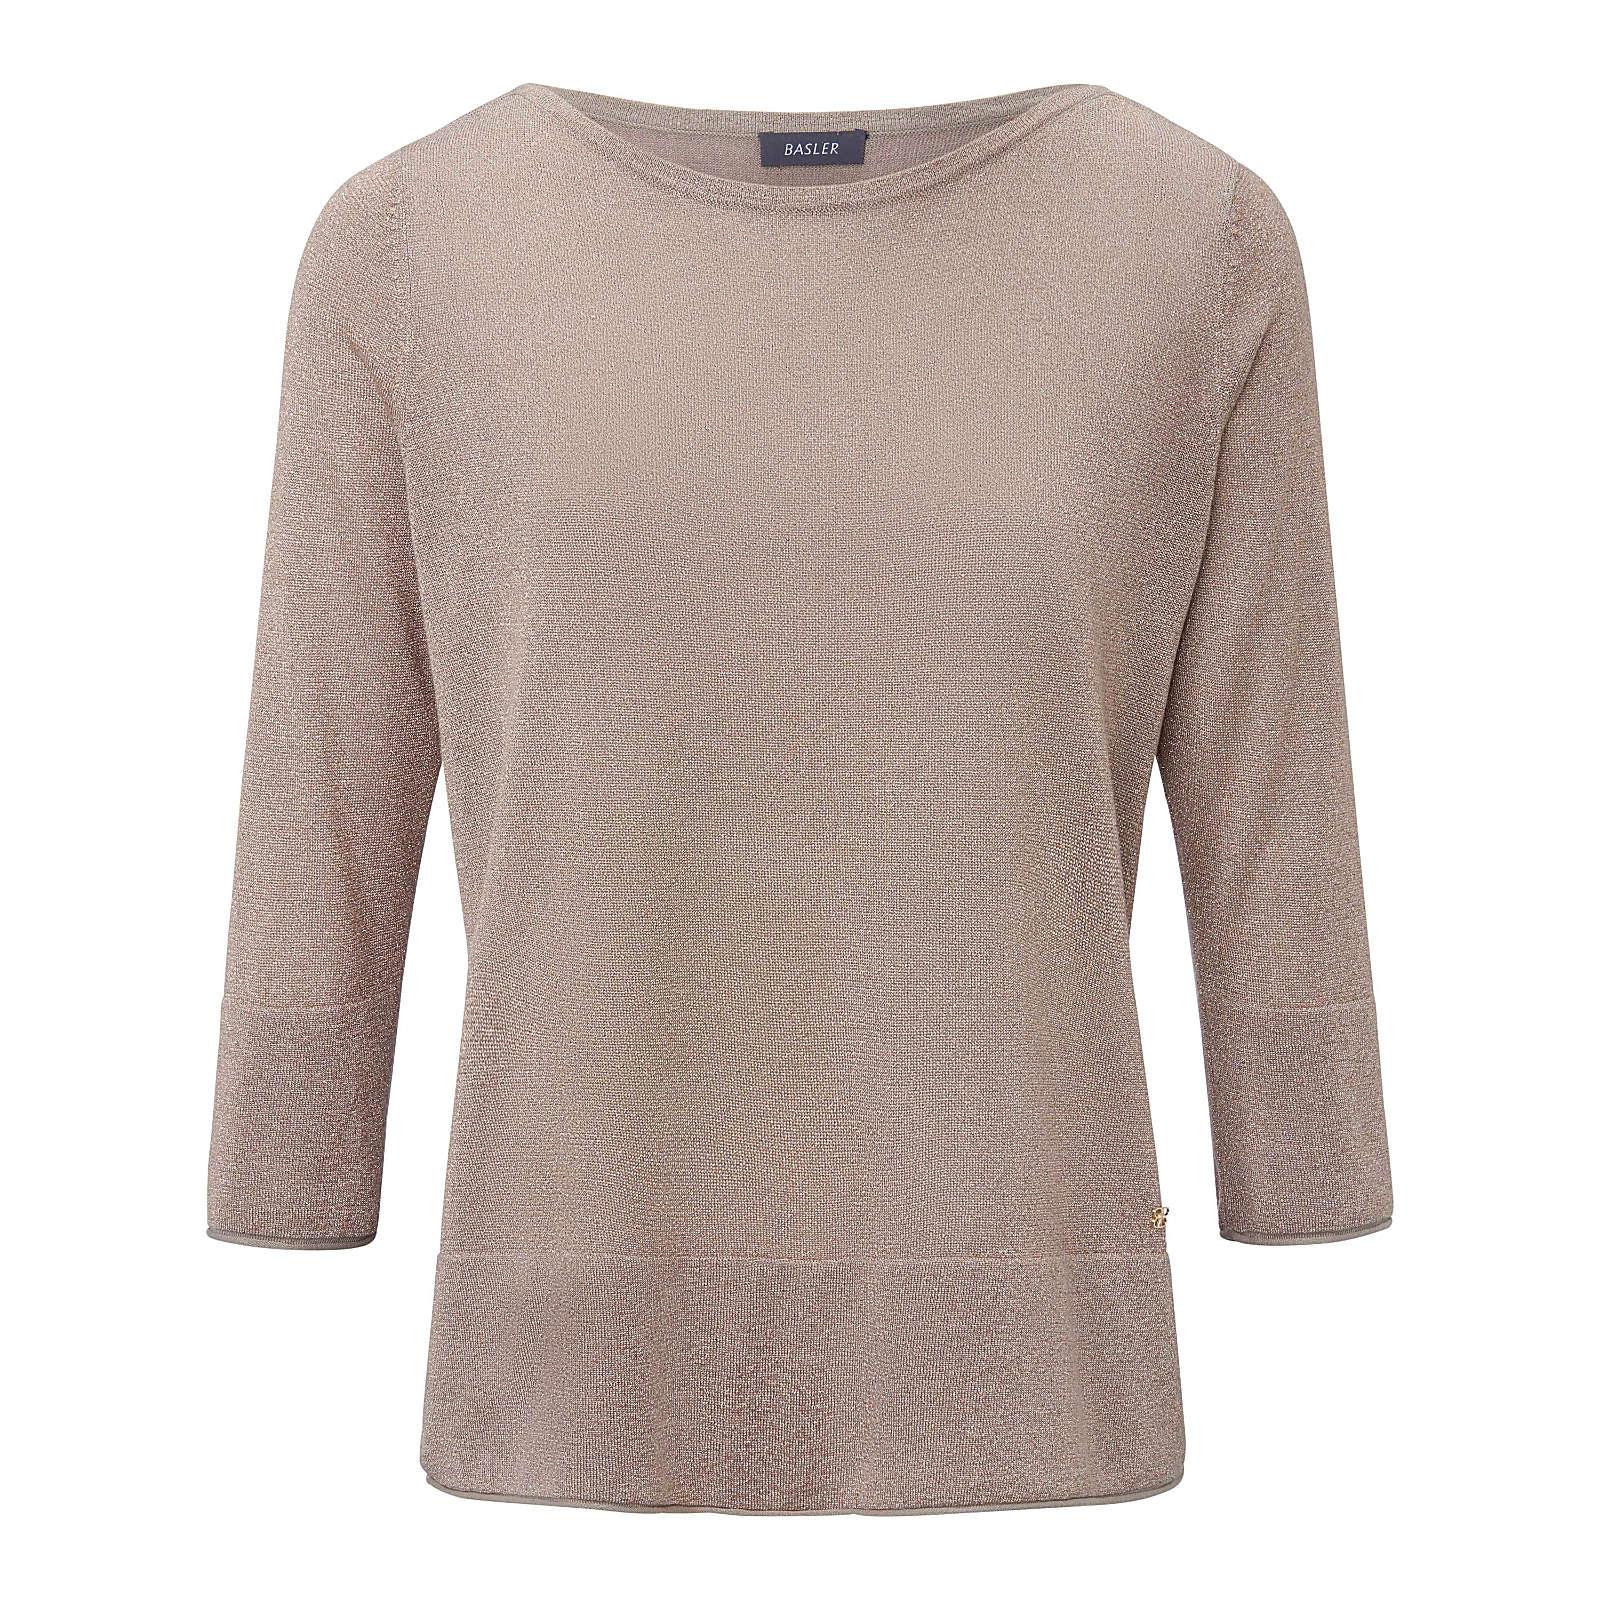 BASLER Rundhals-Pullover Rundhals-Pullover mit 3/4-Arm Pullover taupe Damen Gr. 52